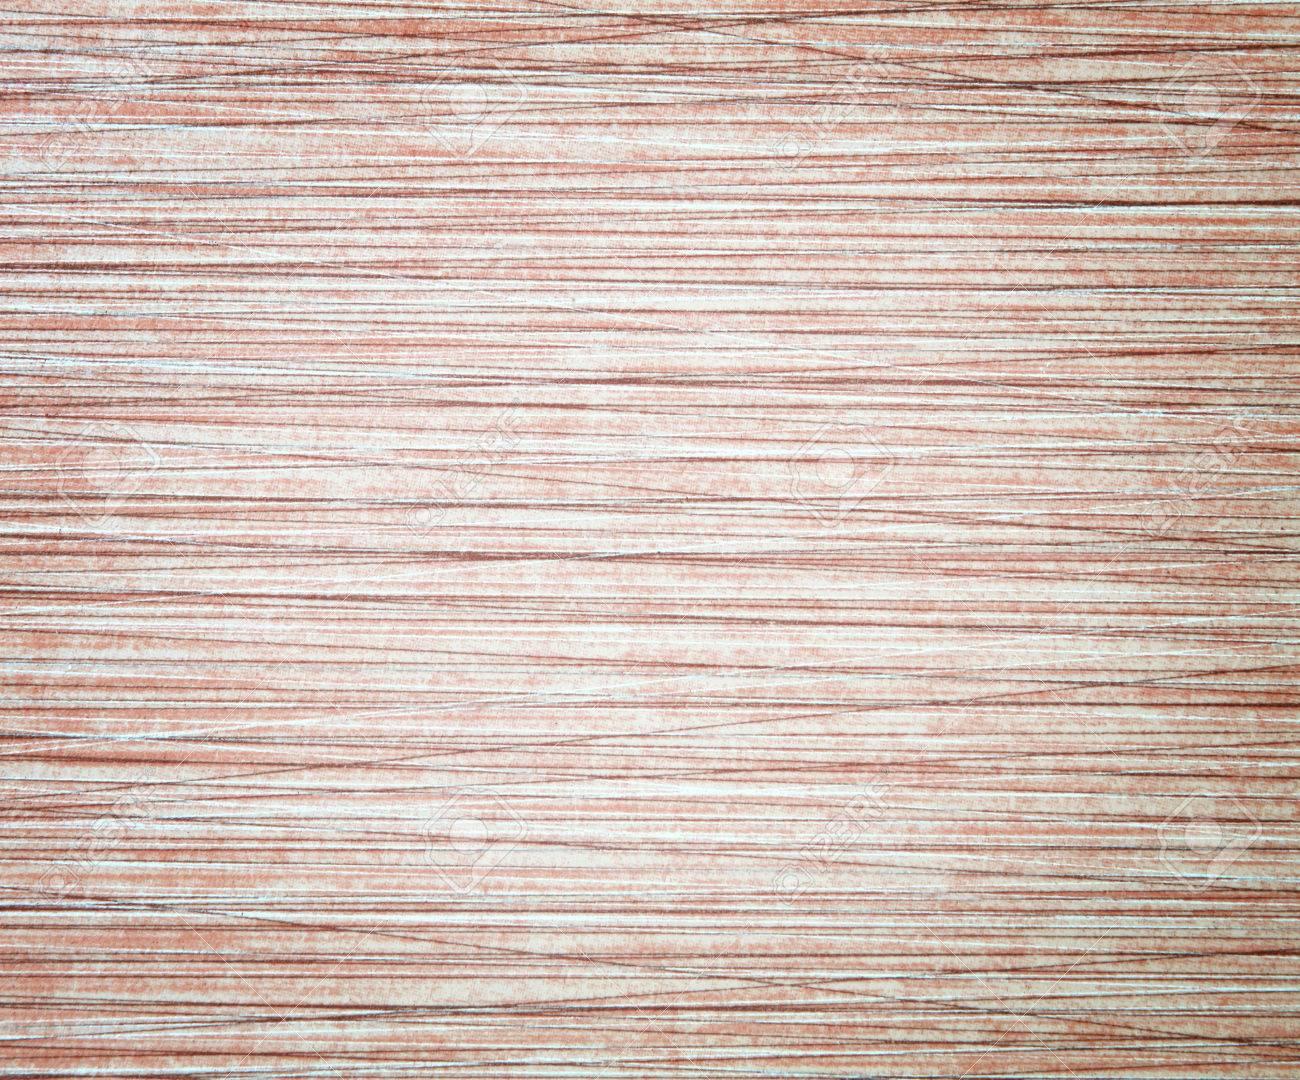 archivio fotografico texture di piastrelle di ceramica muro del bagno